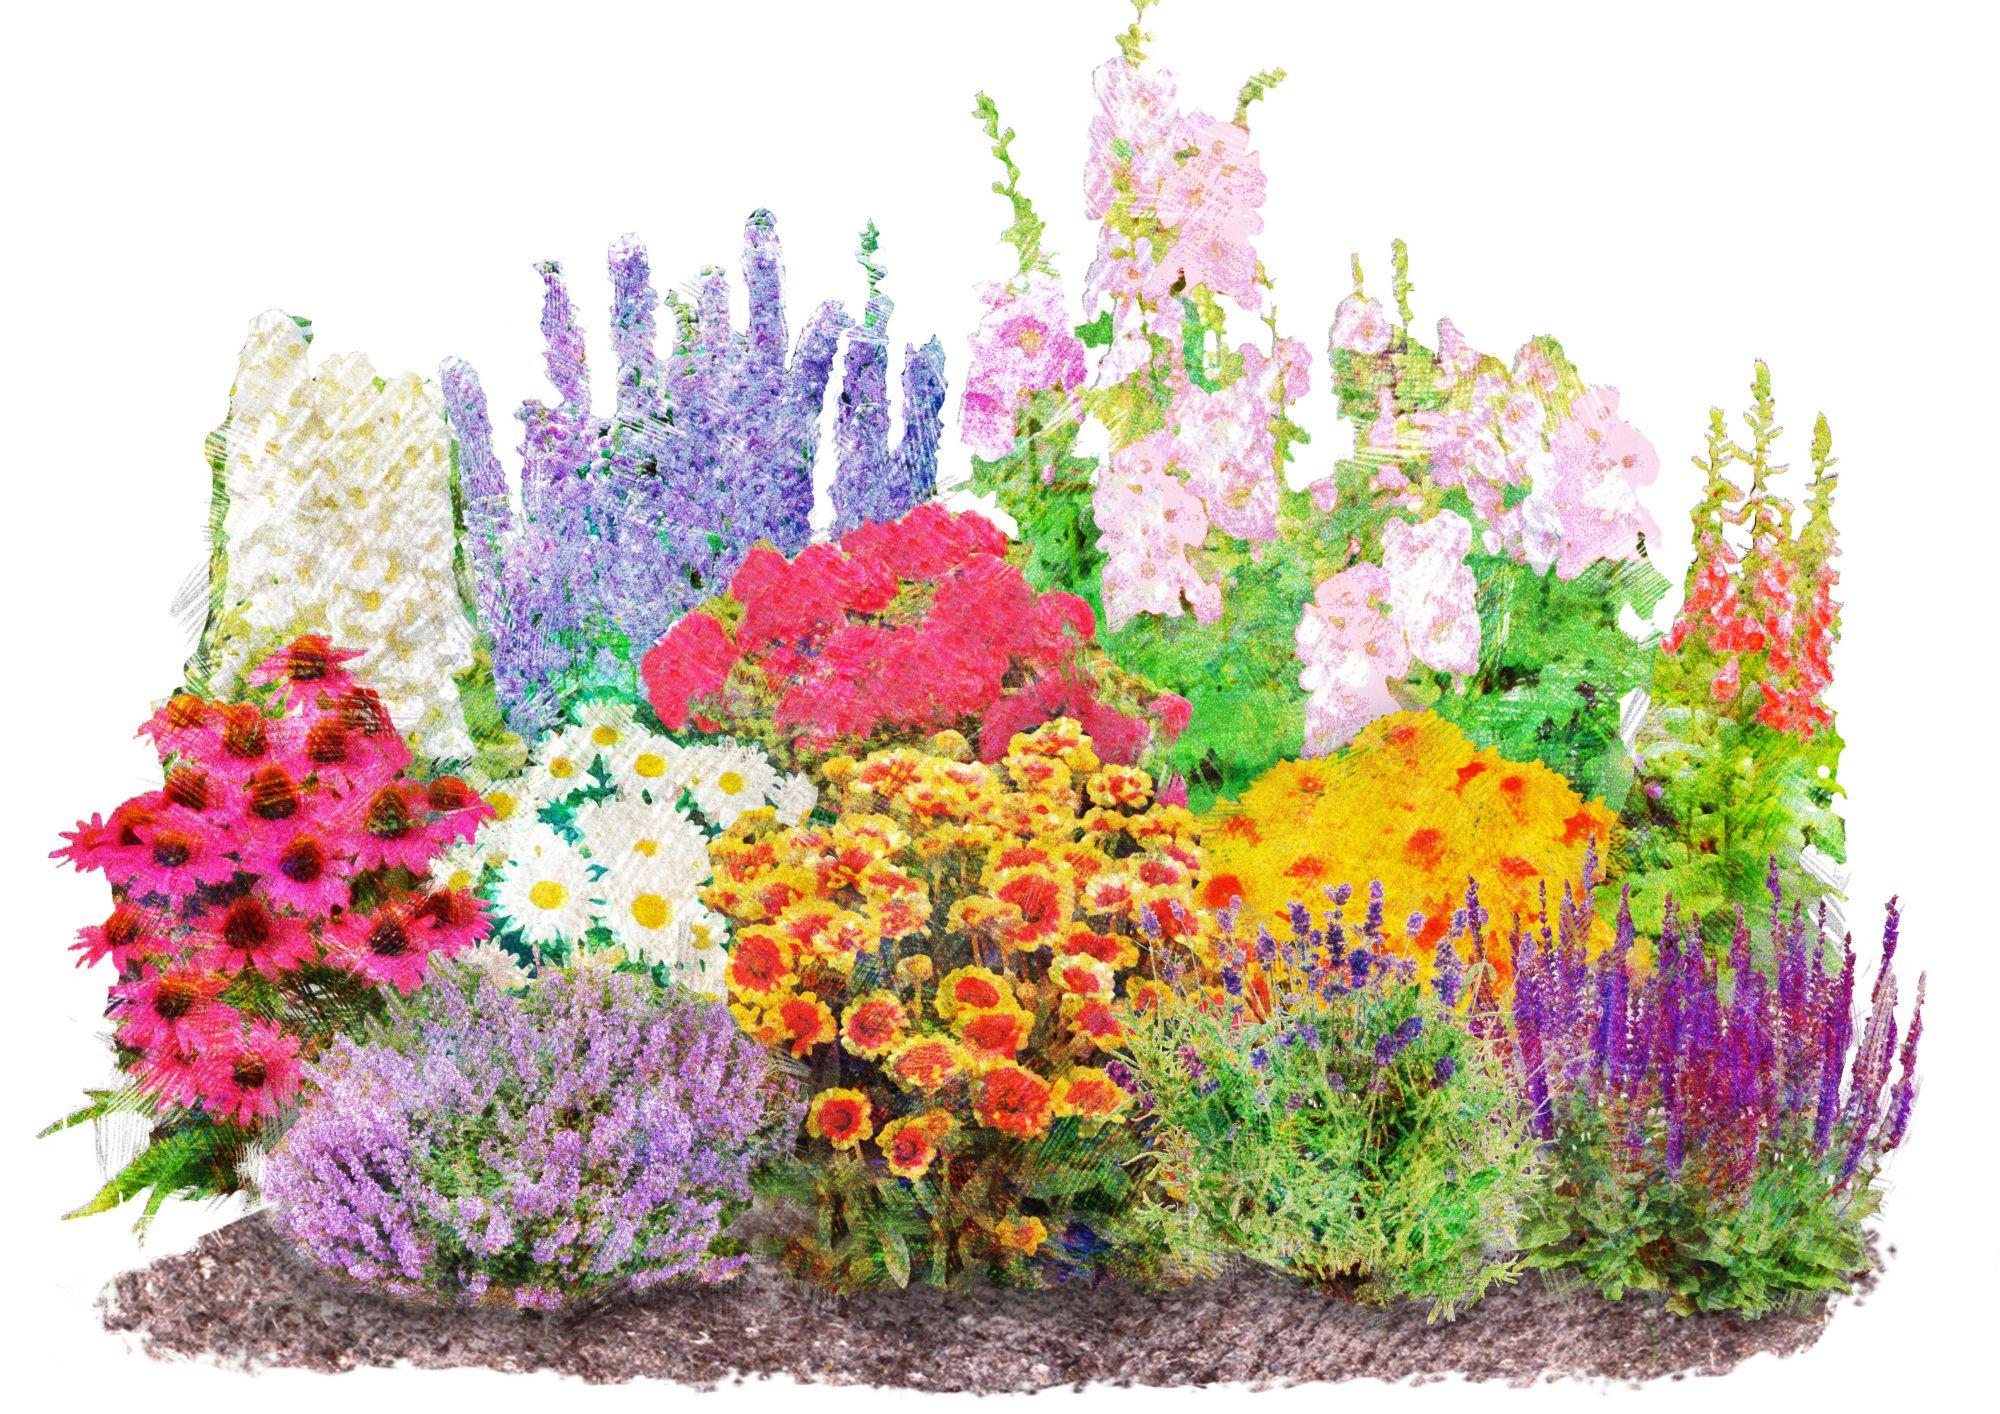 beetpflanzen set landhausgarten 12 pfl schwab. Black Bedroom Furniture Sets. Home Design Ideas